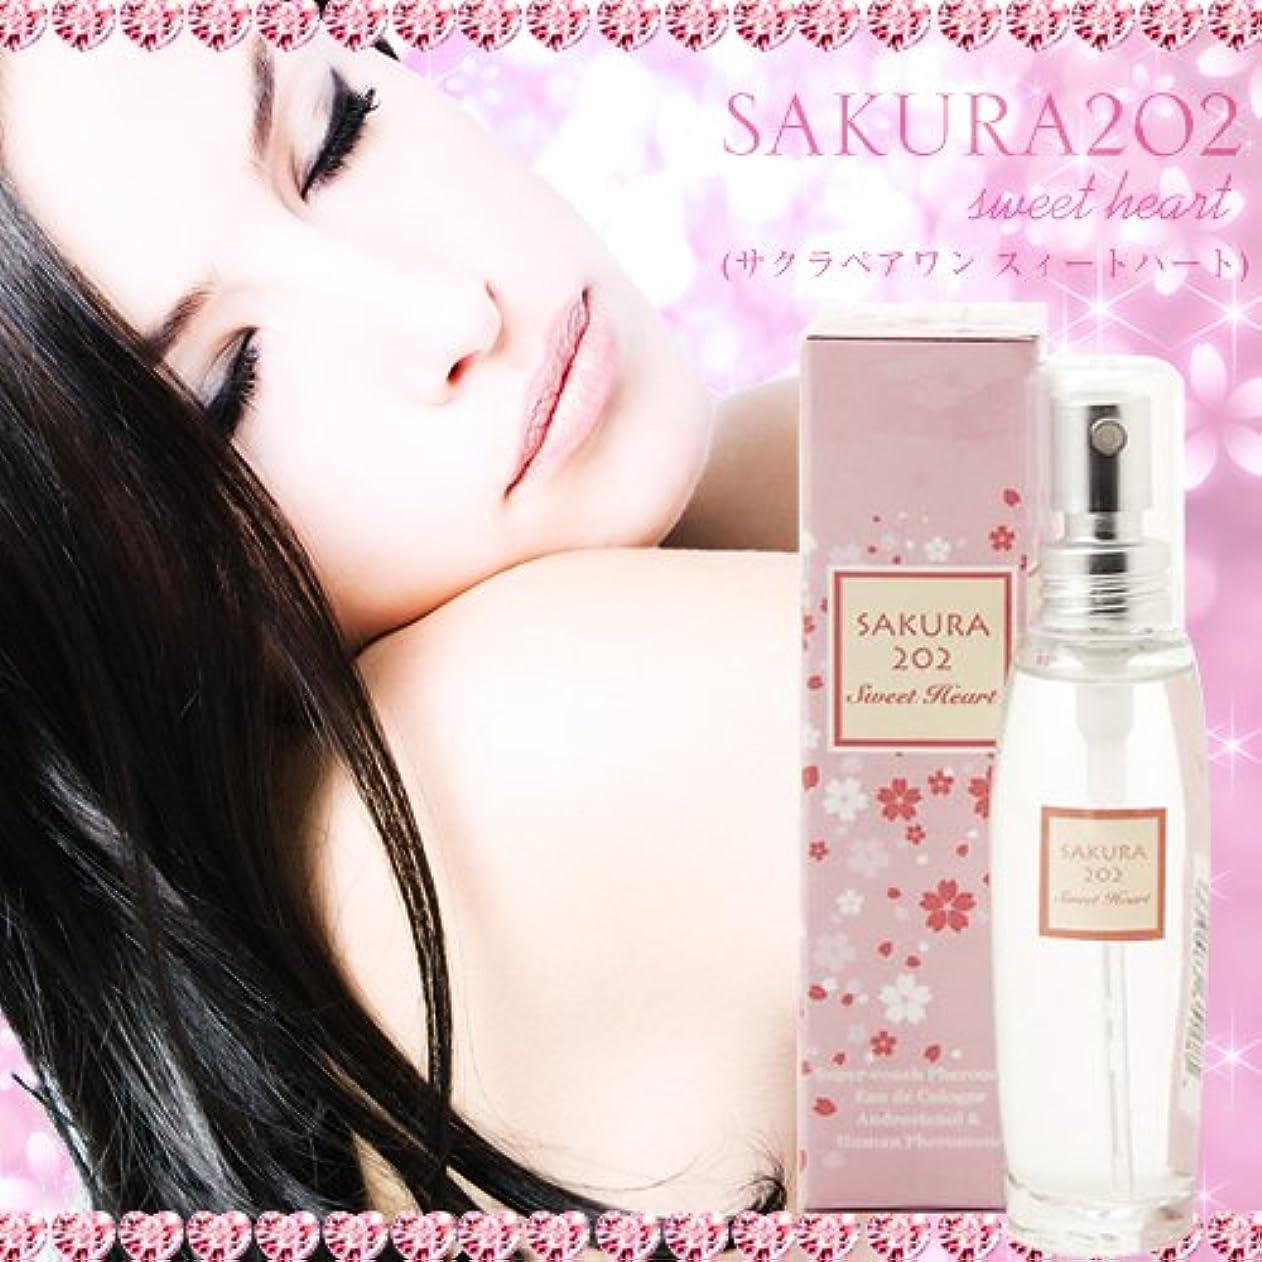 カメコントロールオセアニア女性用フェロモン香水【サクラ202 スウィートハート 】